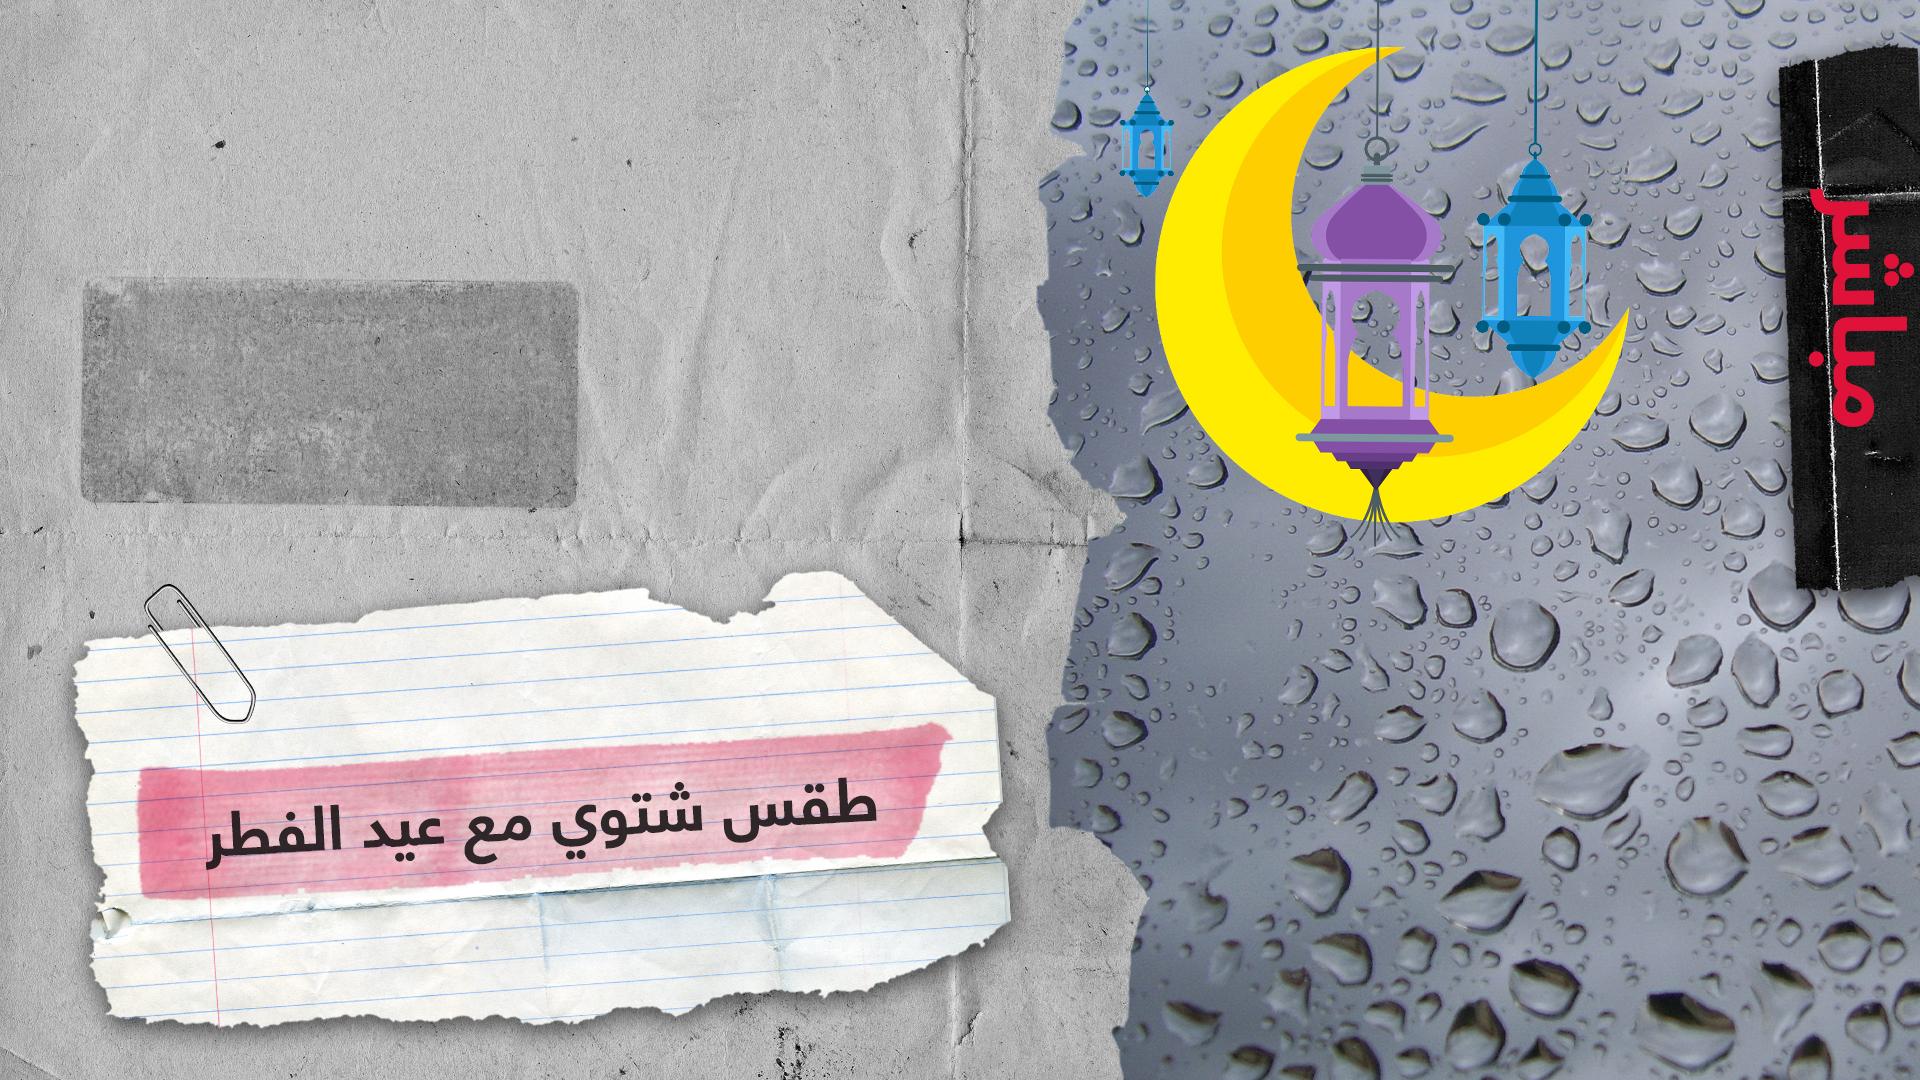 جو شتوي في الأردن في أول يوم بعيد الفطر فهل سيشمل دولا أخرى؟